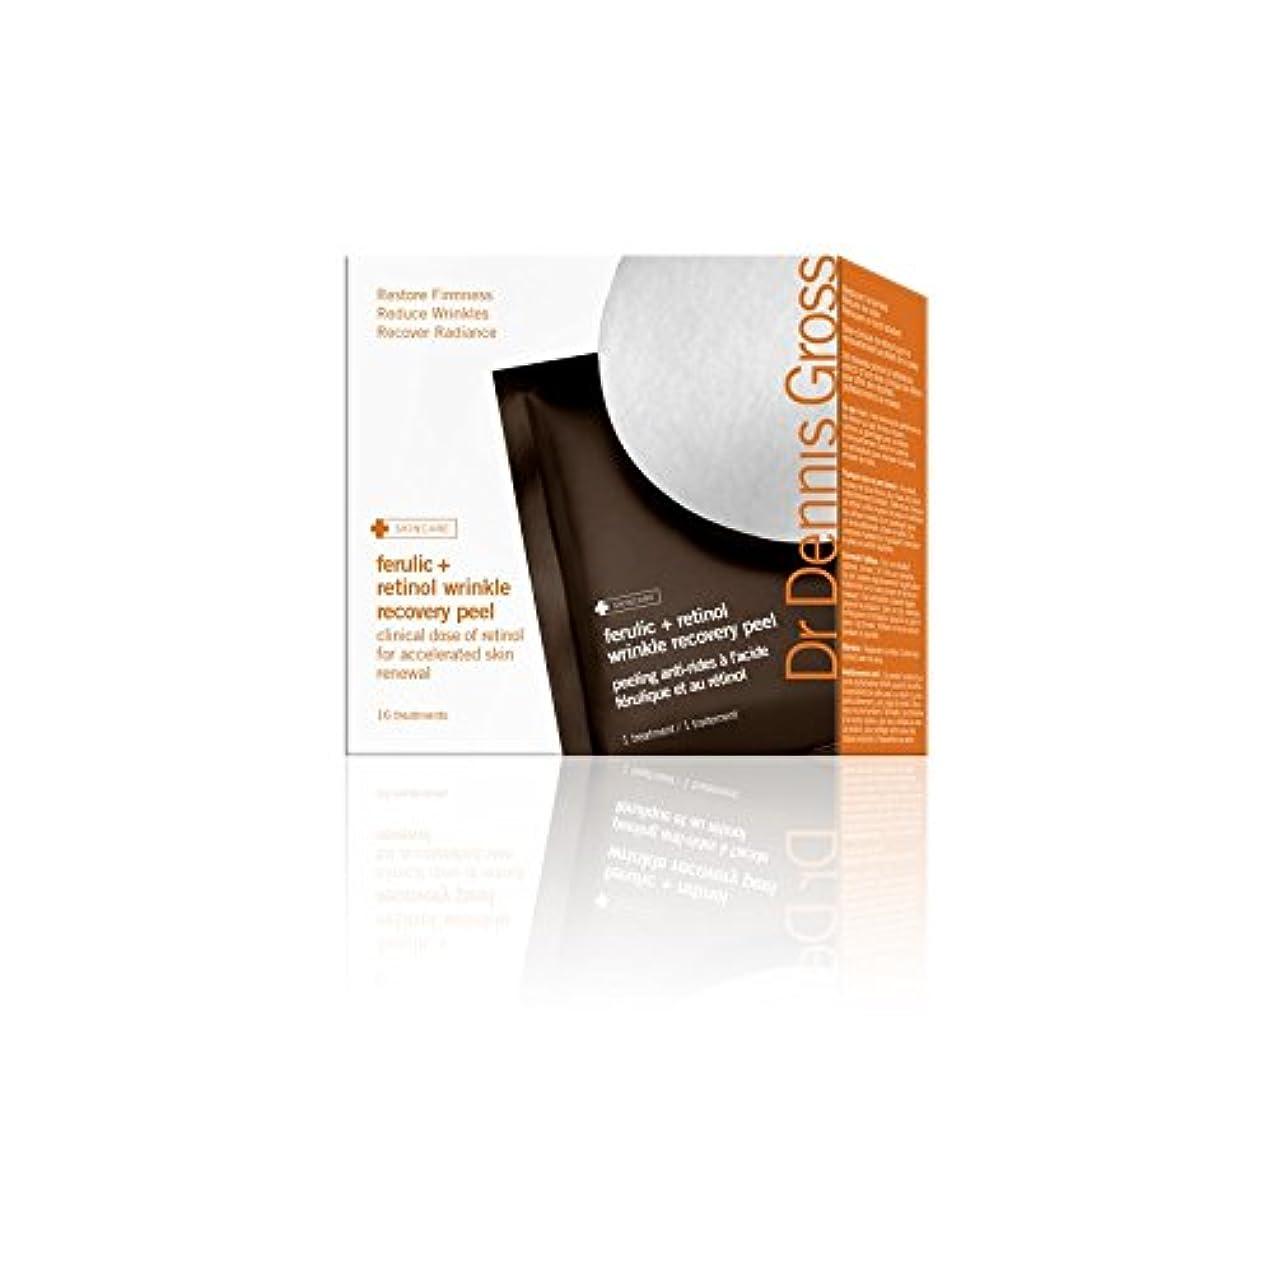 医師慈善汚染デニース?グロスフェルラとレチノールしわ回復の皮(16パック) x4 - Dr Dennis Gross Ferulic And Retinol Wrinkle Recovery Peel (16 Pack) (Pack...